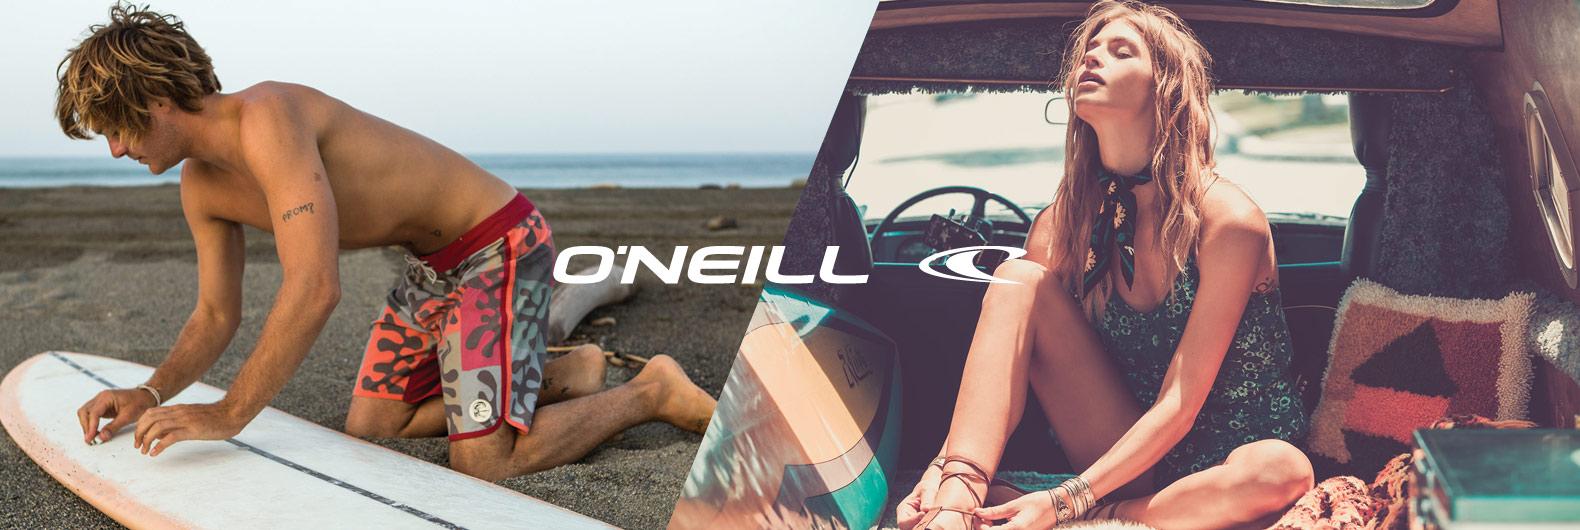 oneill-brand-1580x530